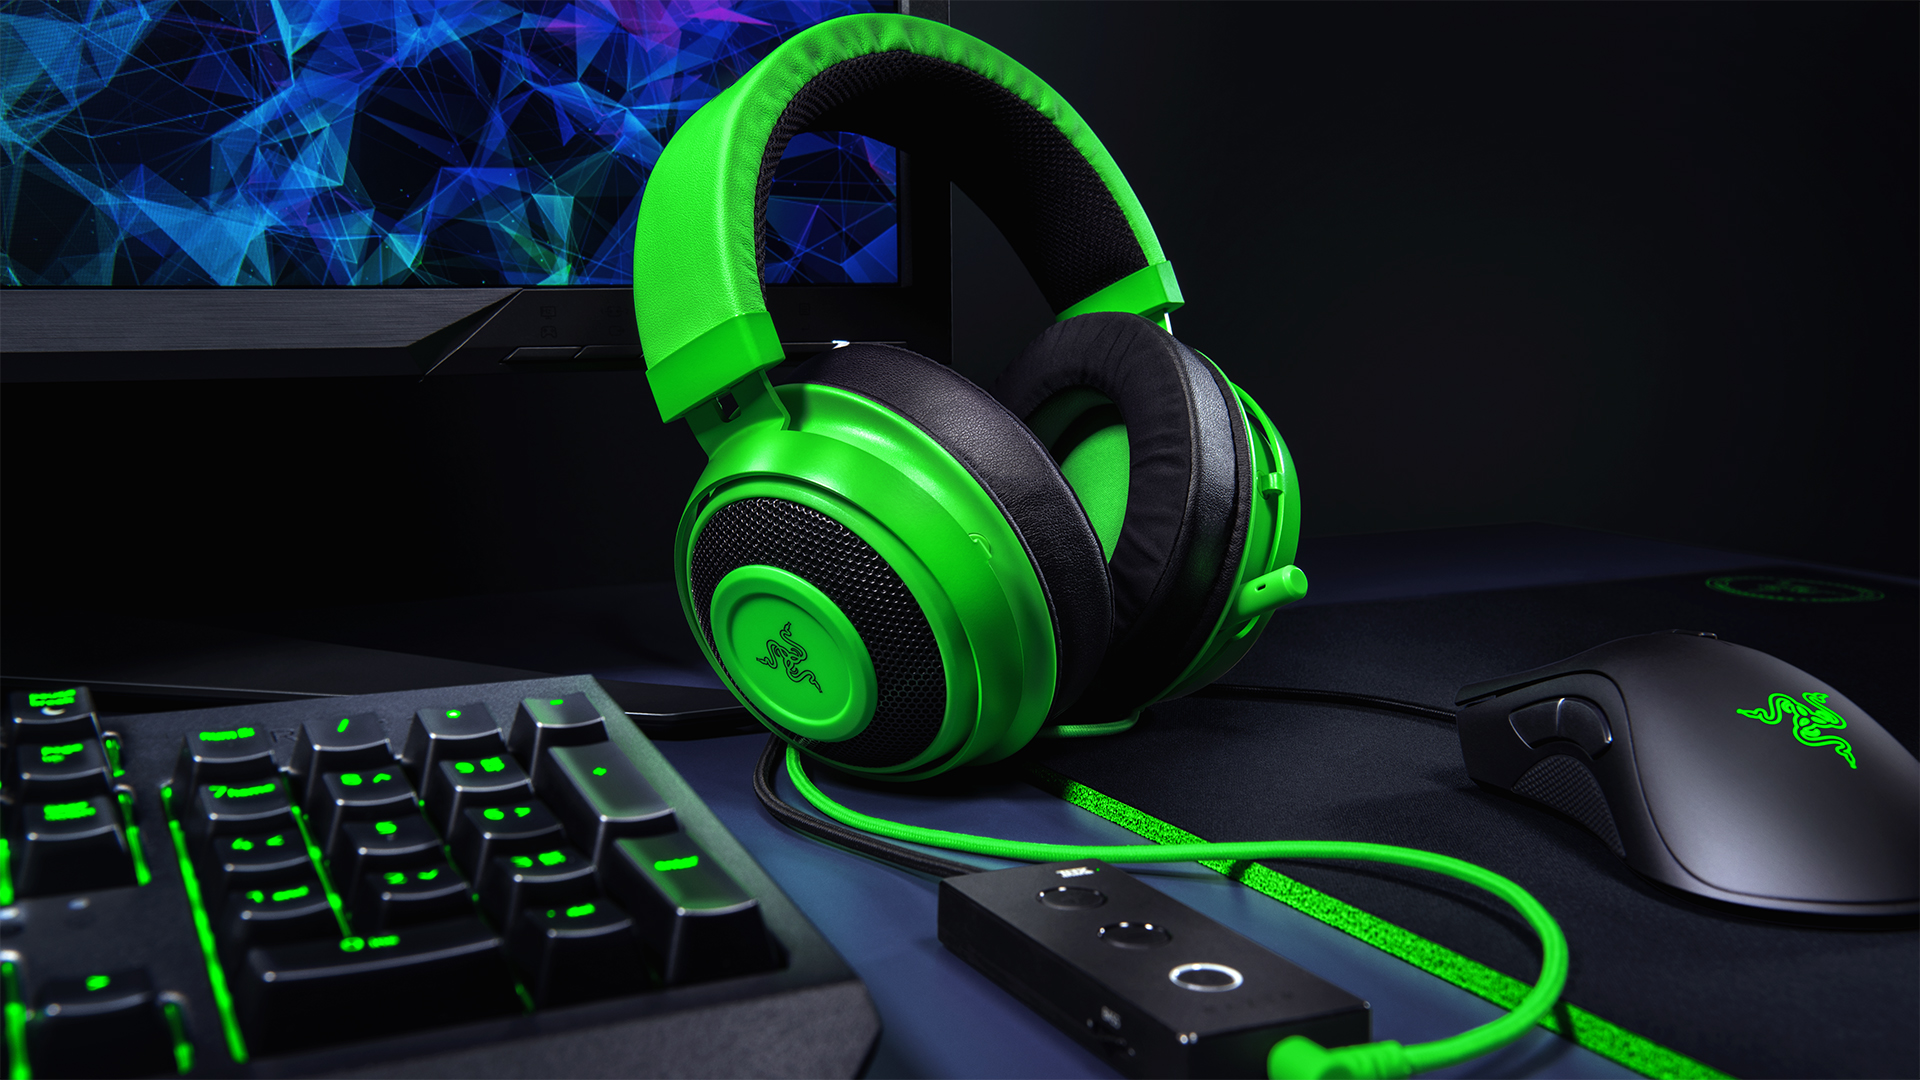 Razer's newest gaming headset features THX surround sound   TechRadar